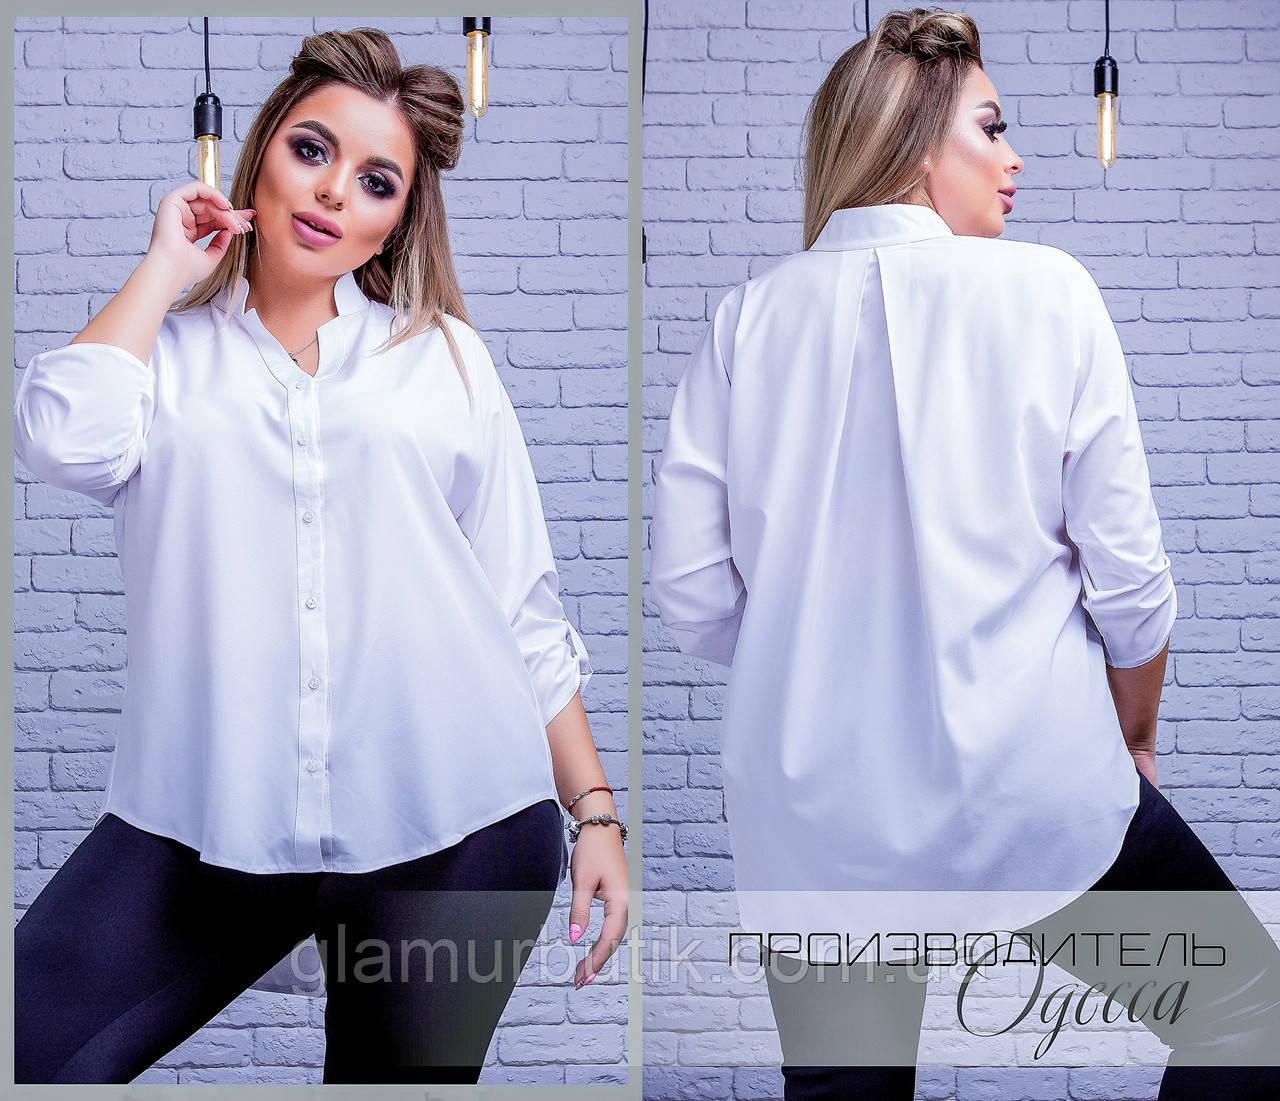 4d8995a2a0d7 Классическая женская блузка сзади удлиненная с рукавом три четверти белая  батал ...